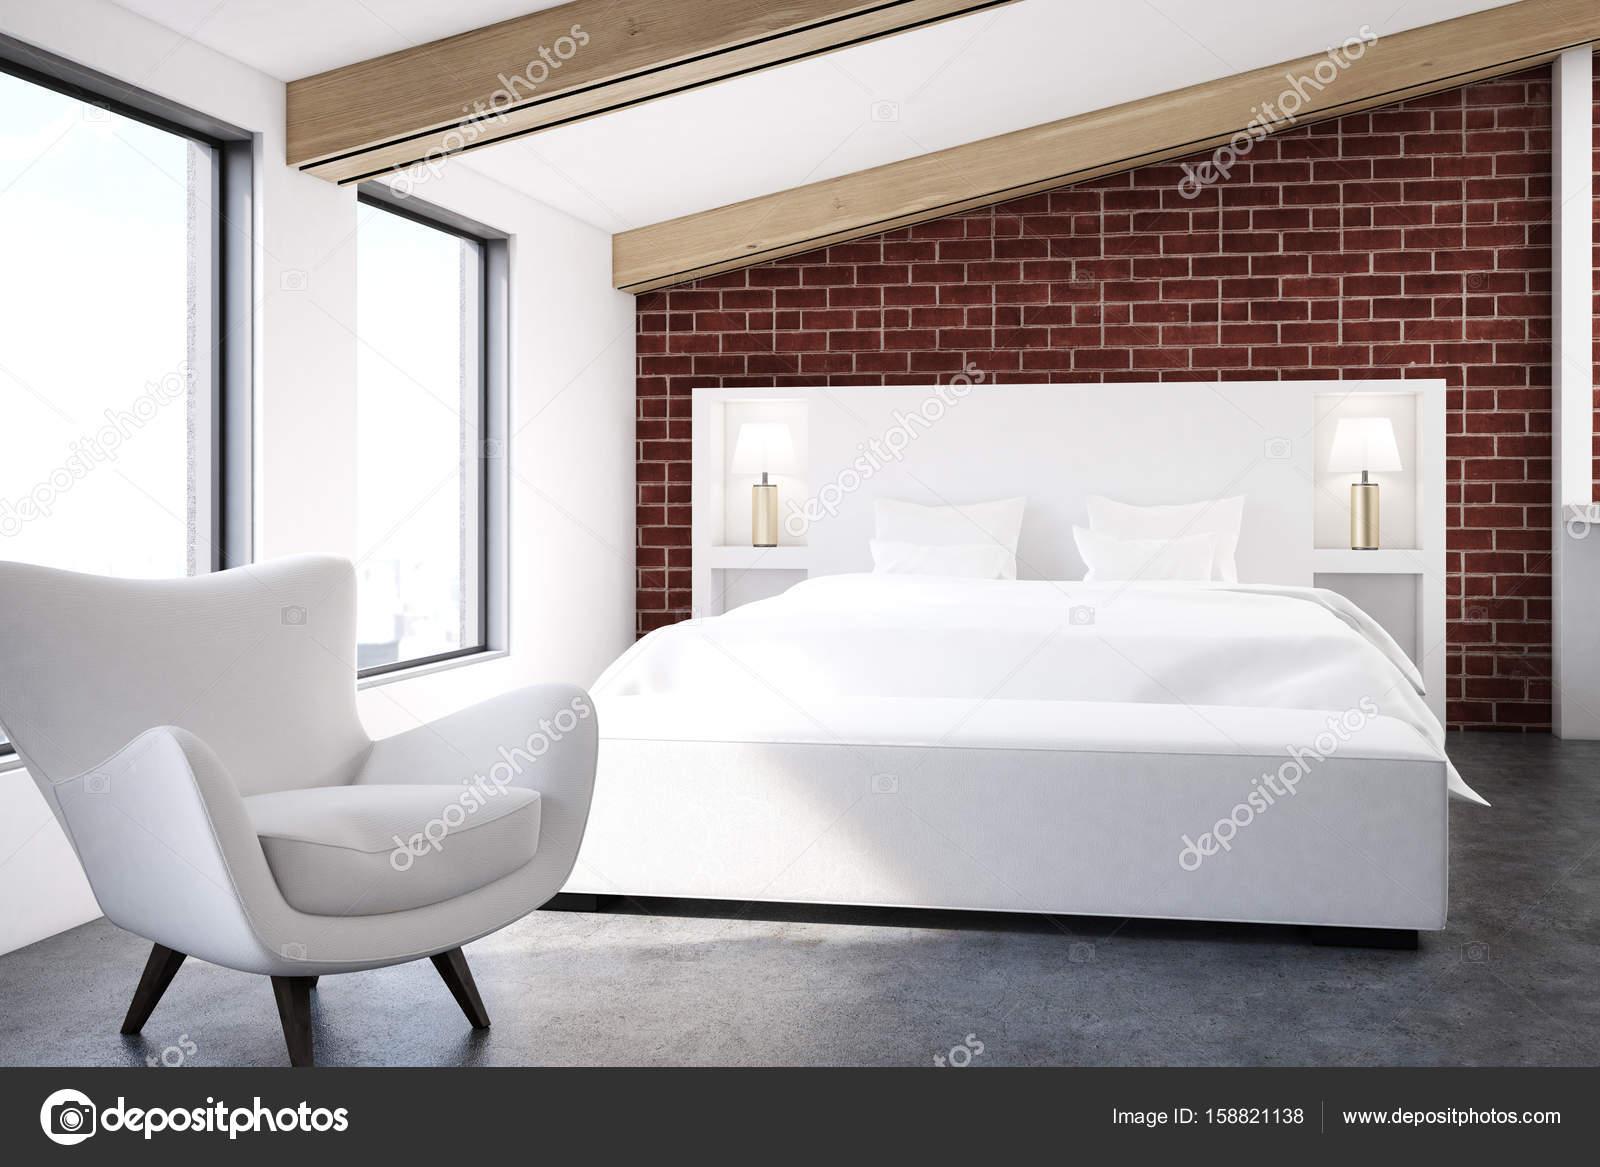 Chambre Grenier De Brique Avec Un Plancher De Béton, Deux Grandes Fenêtres,  Un Lit Blanc Et Un Fauteuil. Rendu 3D Maquette U2014 Image De ...